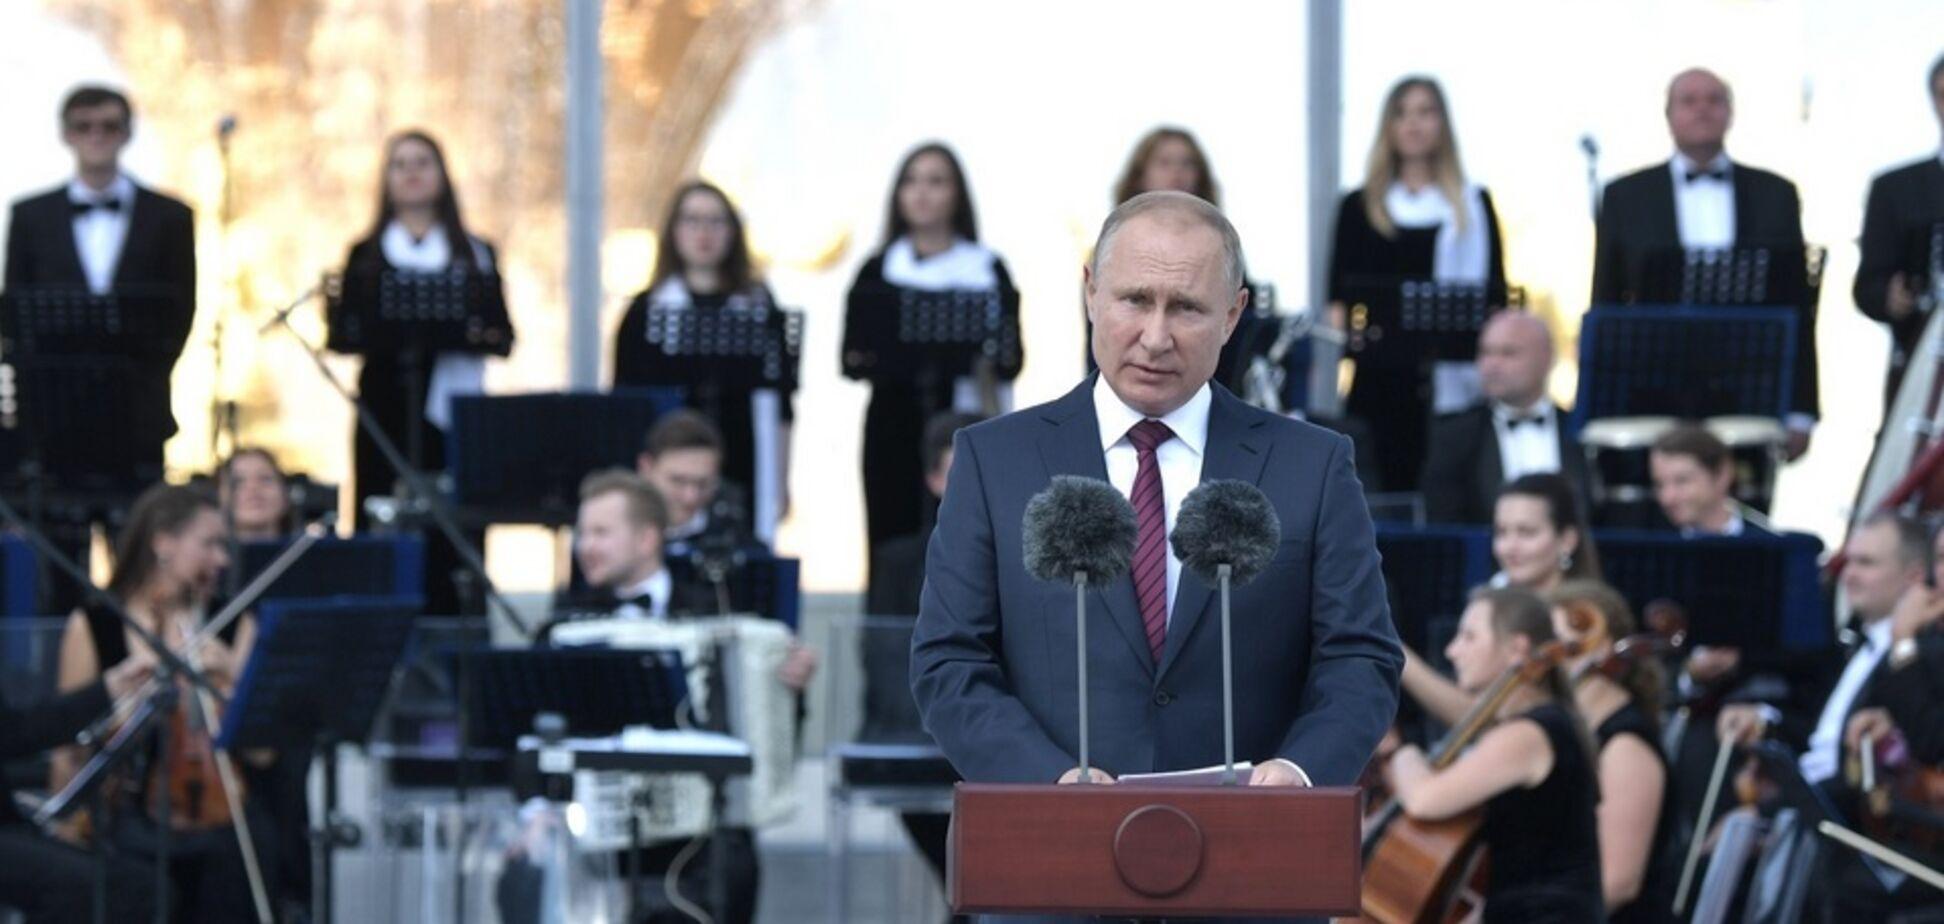 'Не припинить стріляти': журналіст заявив про загрозу нової війни Путіна